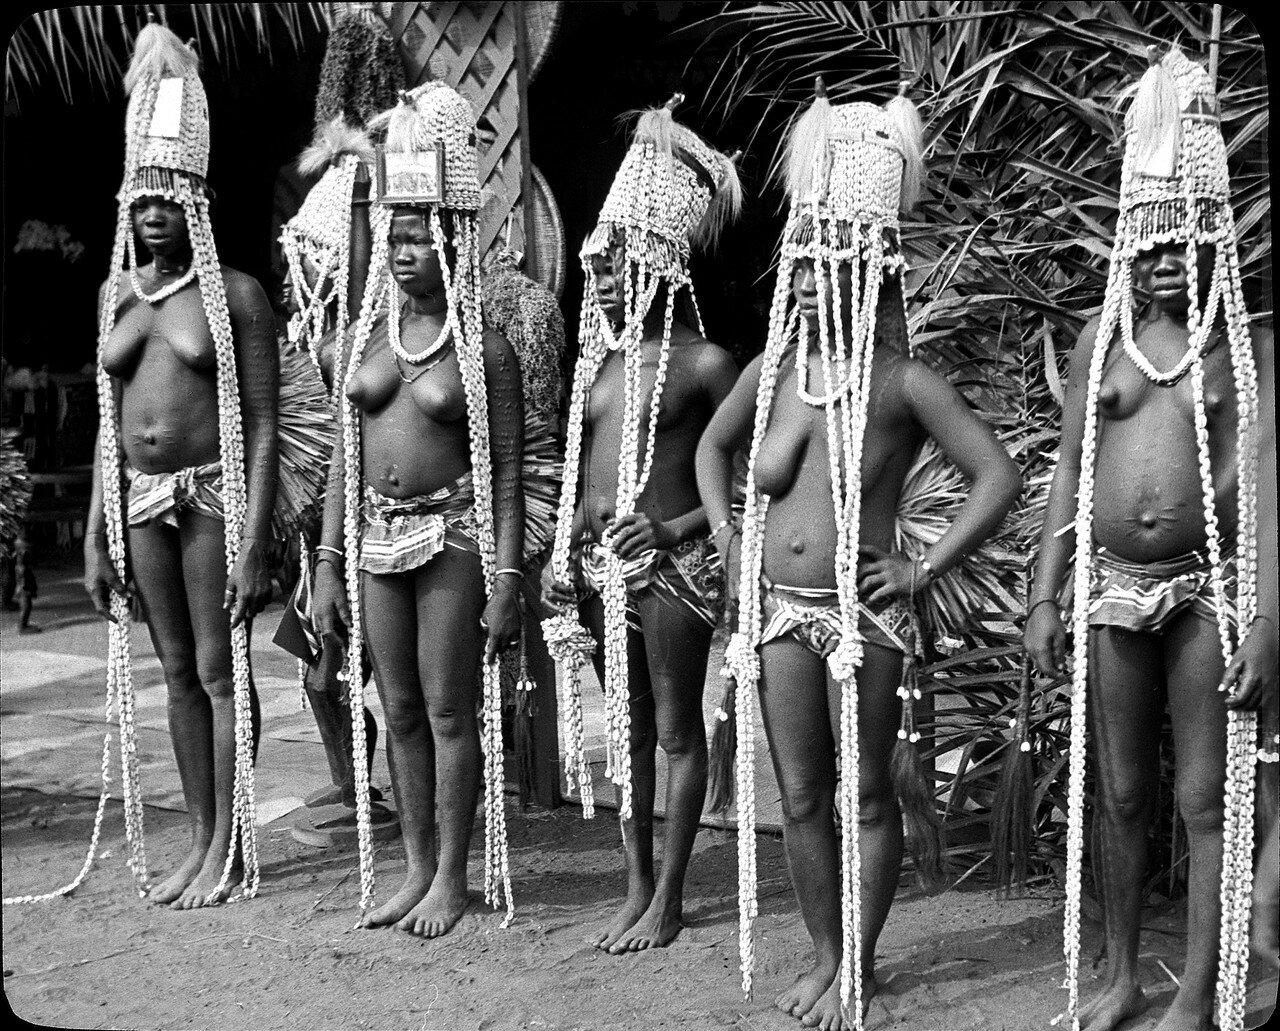 Берег Слоновой Кости. Абиджан. Танцовщицы народности конга